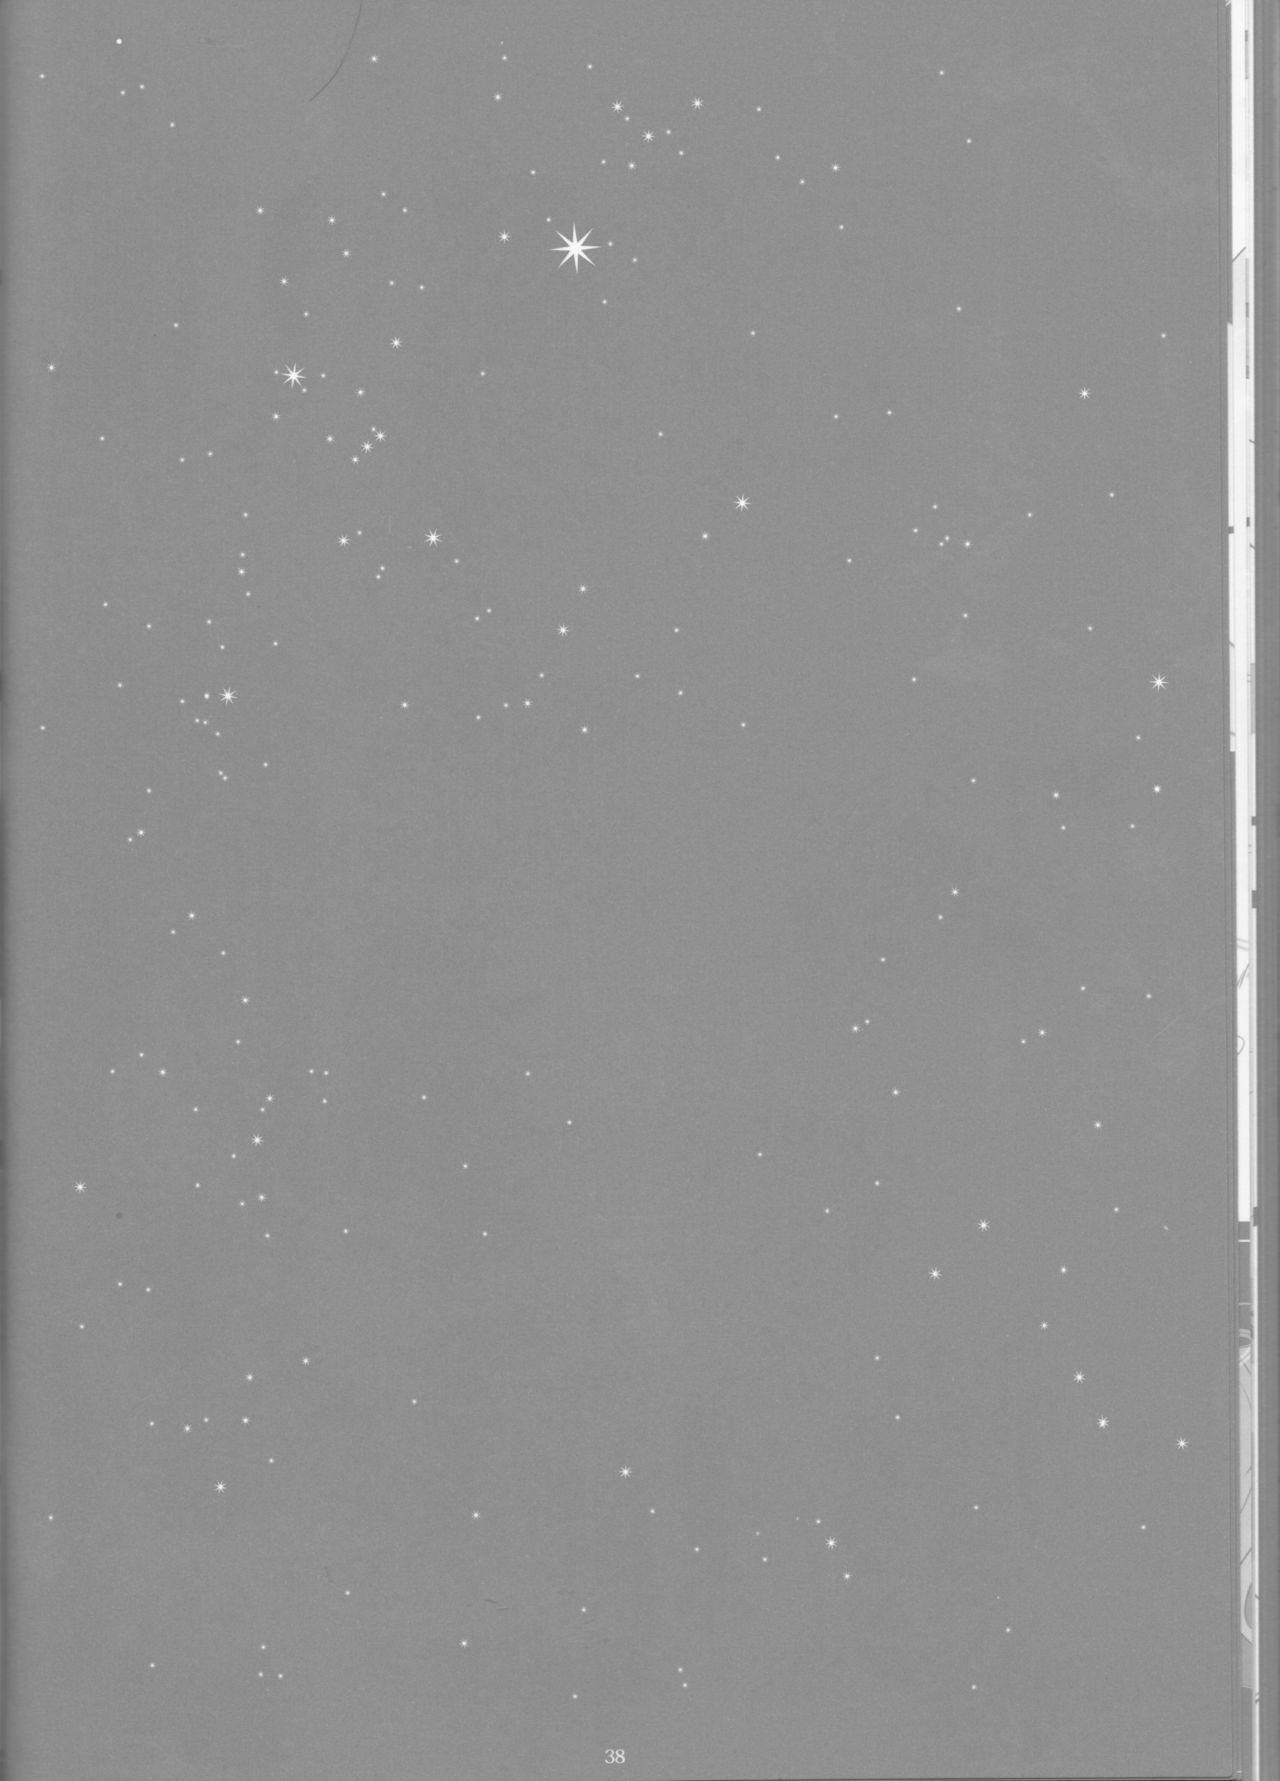 Toge hikari no navu~igātoria book 2(blue exorcist] 35